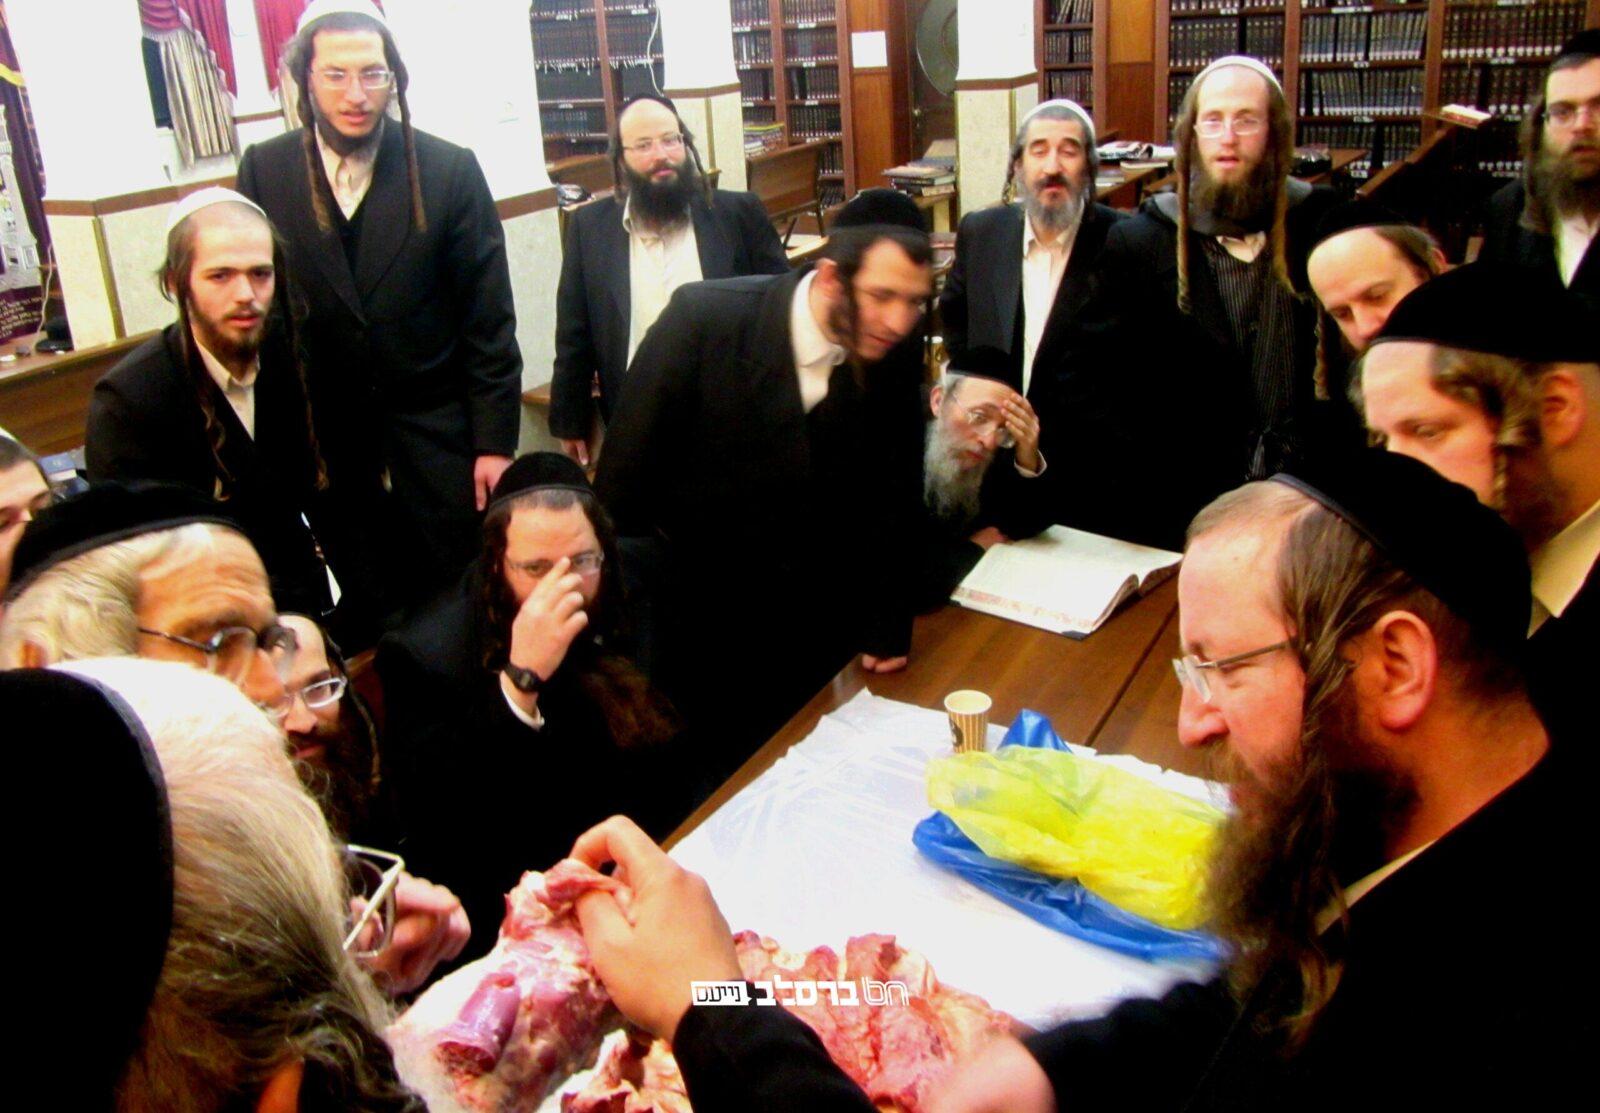 שיעור מרתק בהלכות טריפות מהרב שלום זוהר בכולל חצות 'אורות הנחל' שבבית הכנסת הגדול שבירושלים השול